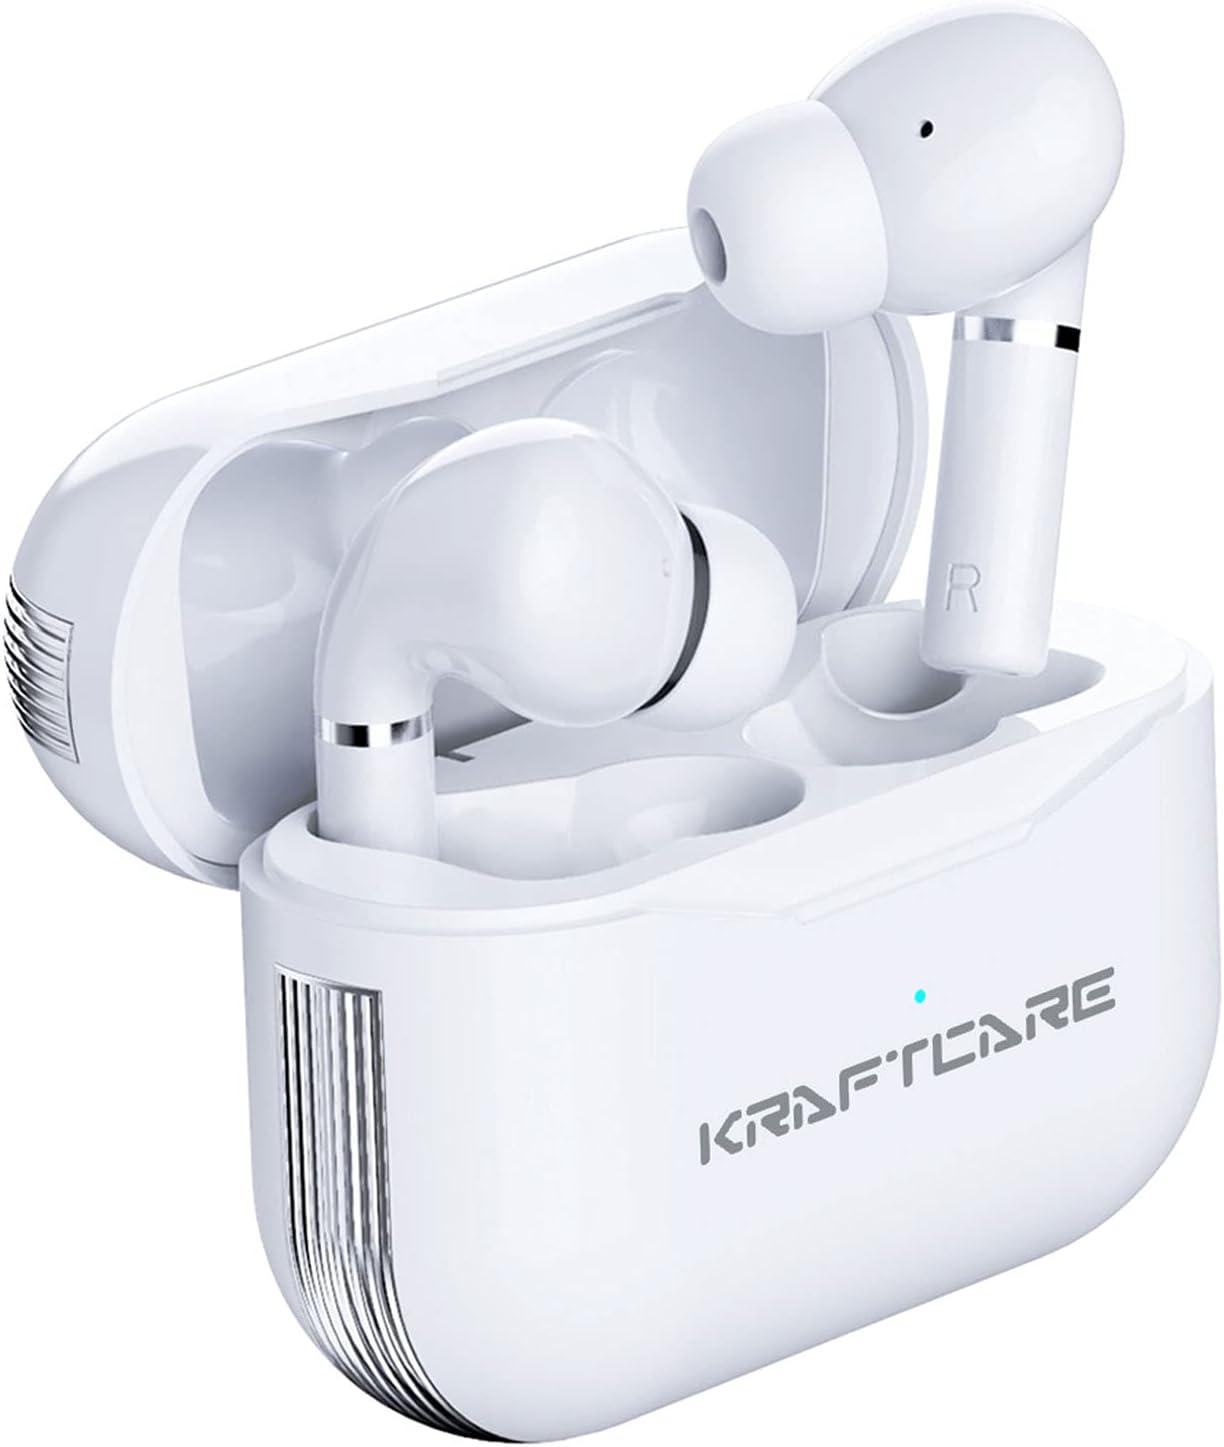 KRAFTCARE Auriculares inalámbricos Bluetooth V5.1, TWS Auriculares Deportivos, Carga Rápida USB-C, Control Táctil, reproducción de 30 Horas, Micrófonos duales y IPX7 a Prueba de Agua